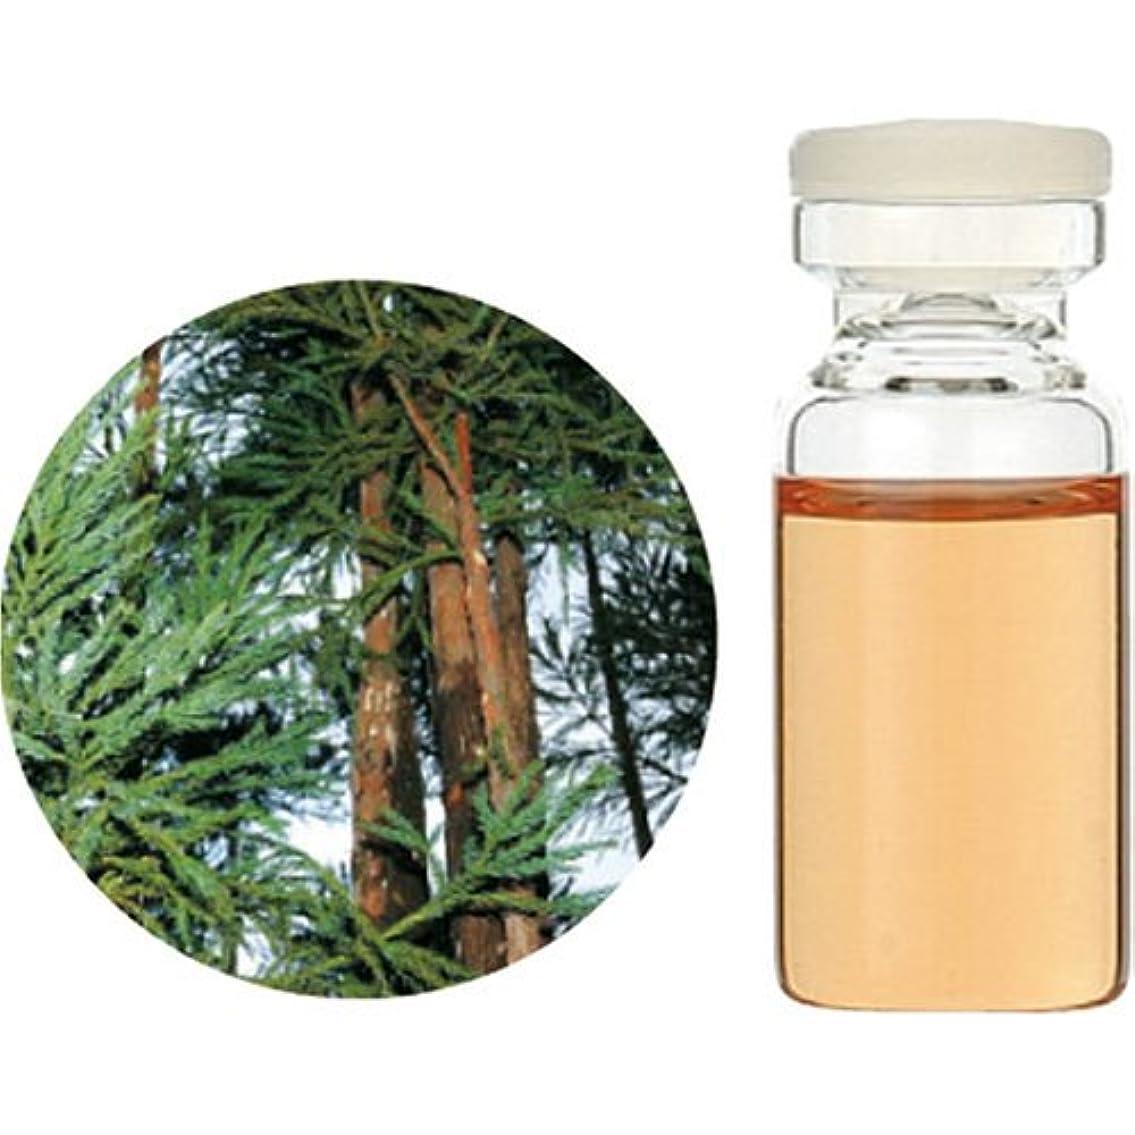 それにもかかわらず補う背が高い生活の木 C 和精油 杉 (木部) エッセンシャルオイル 10ml